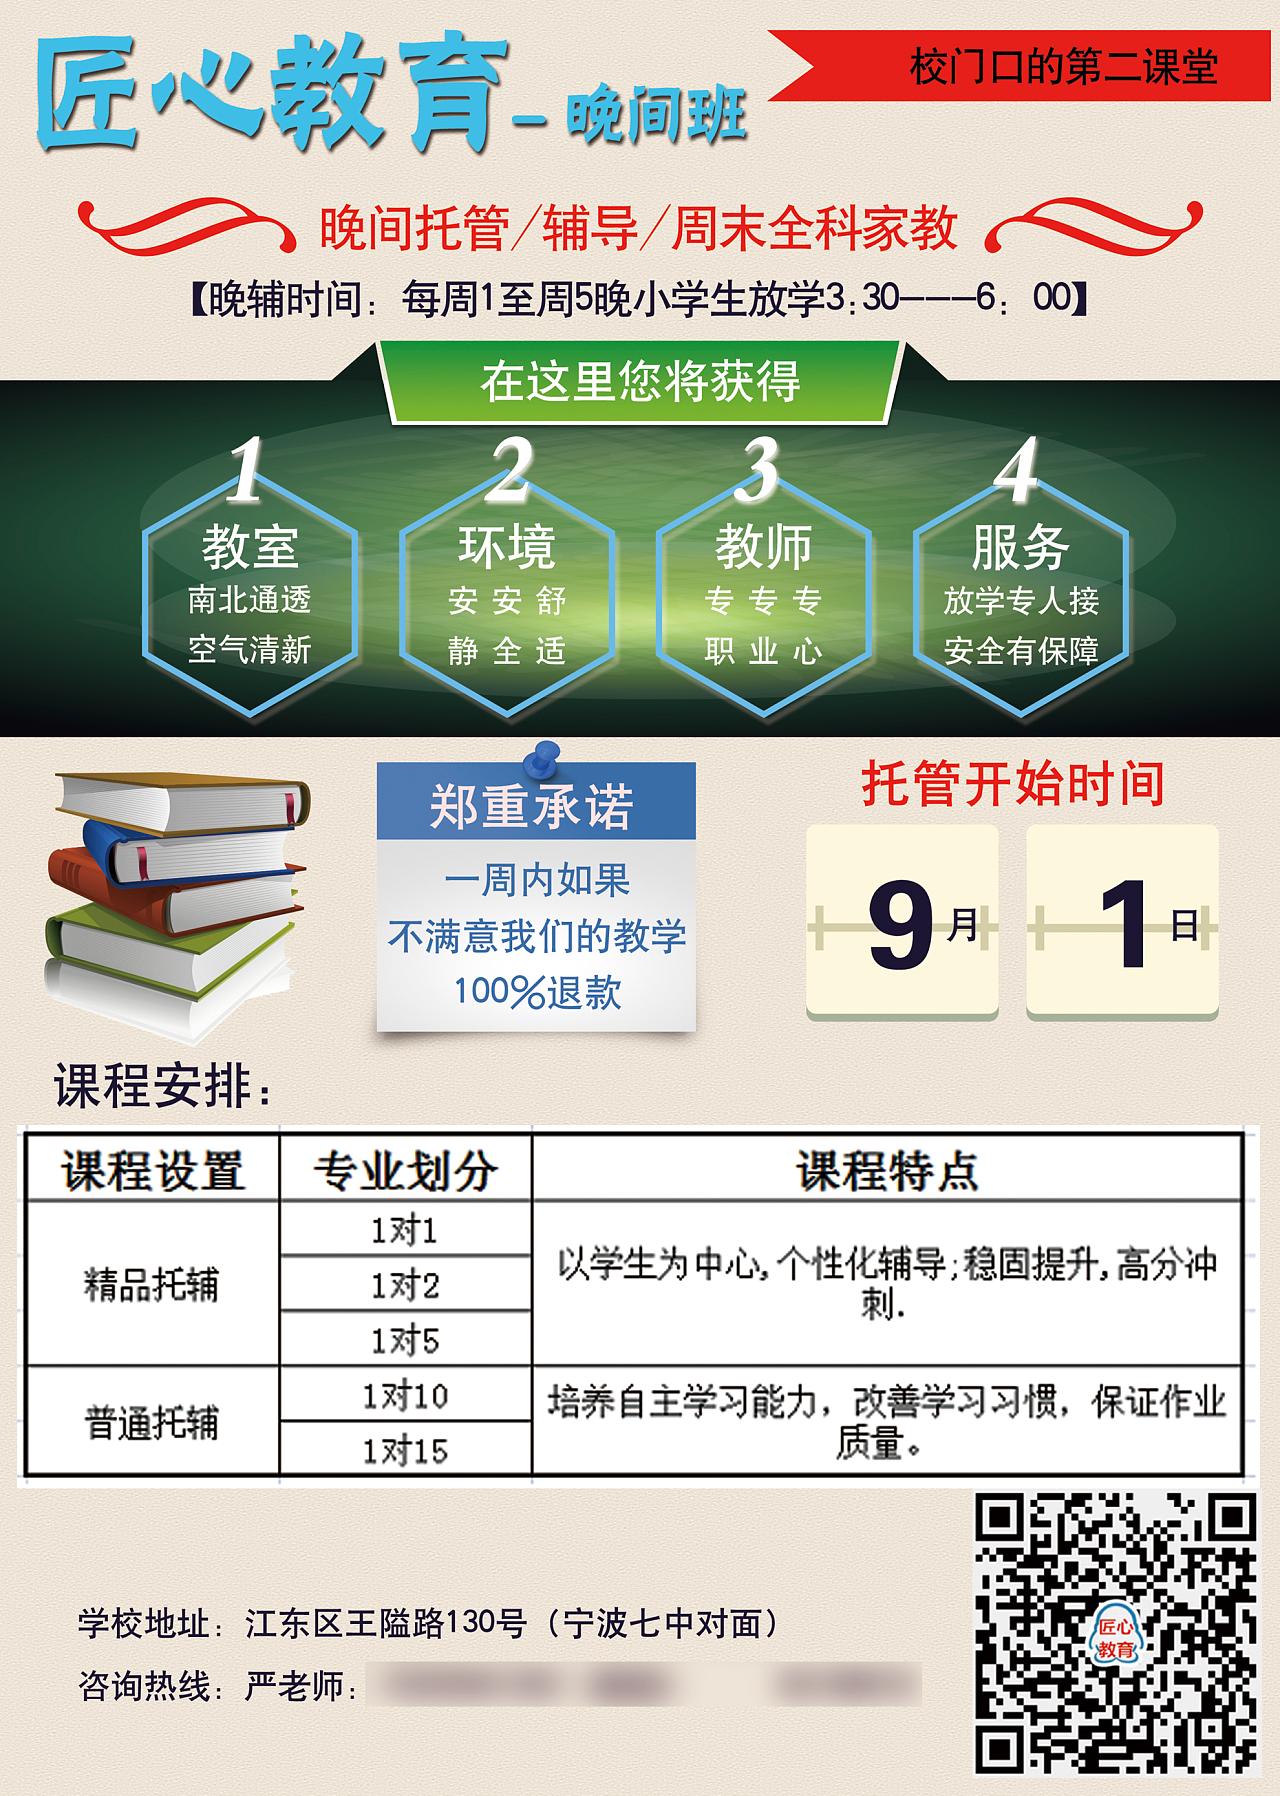 小学v小学宣传单小学面试编制语文图片